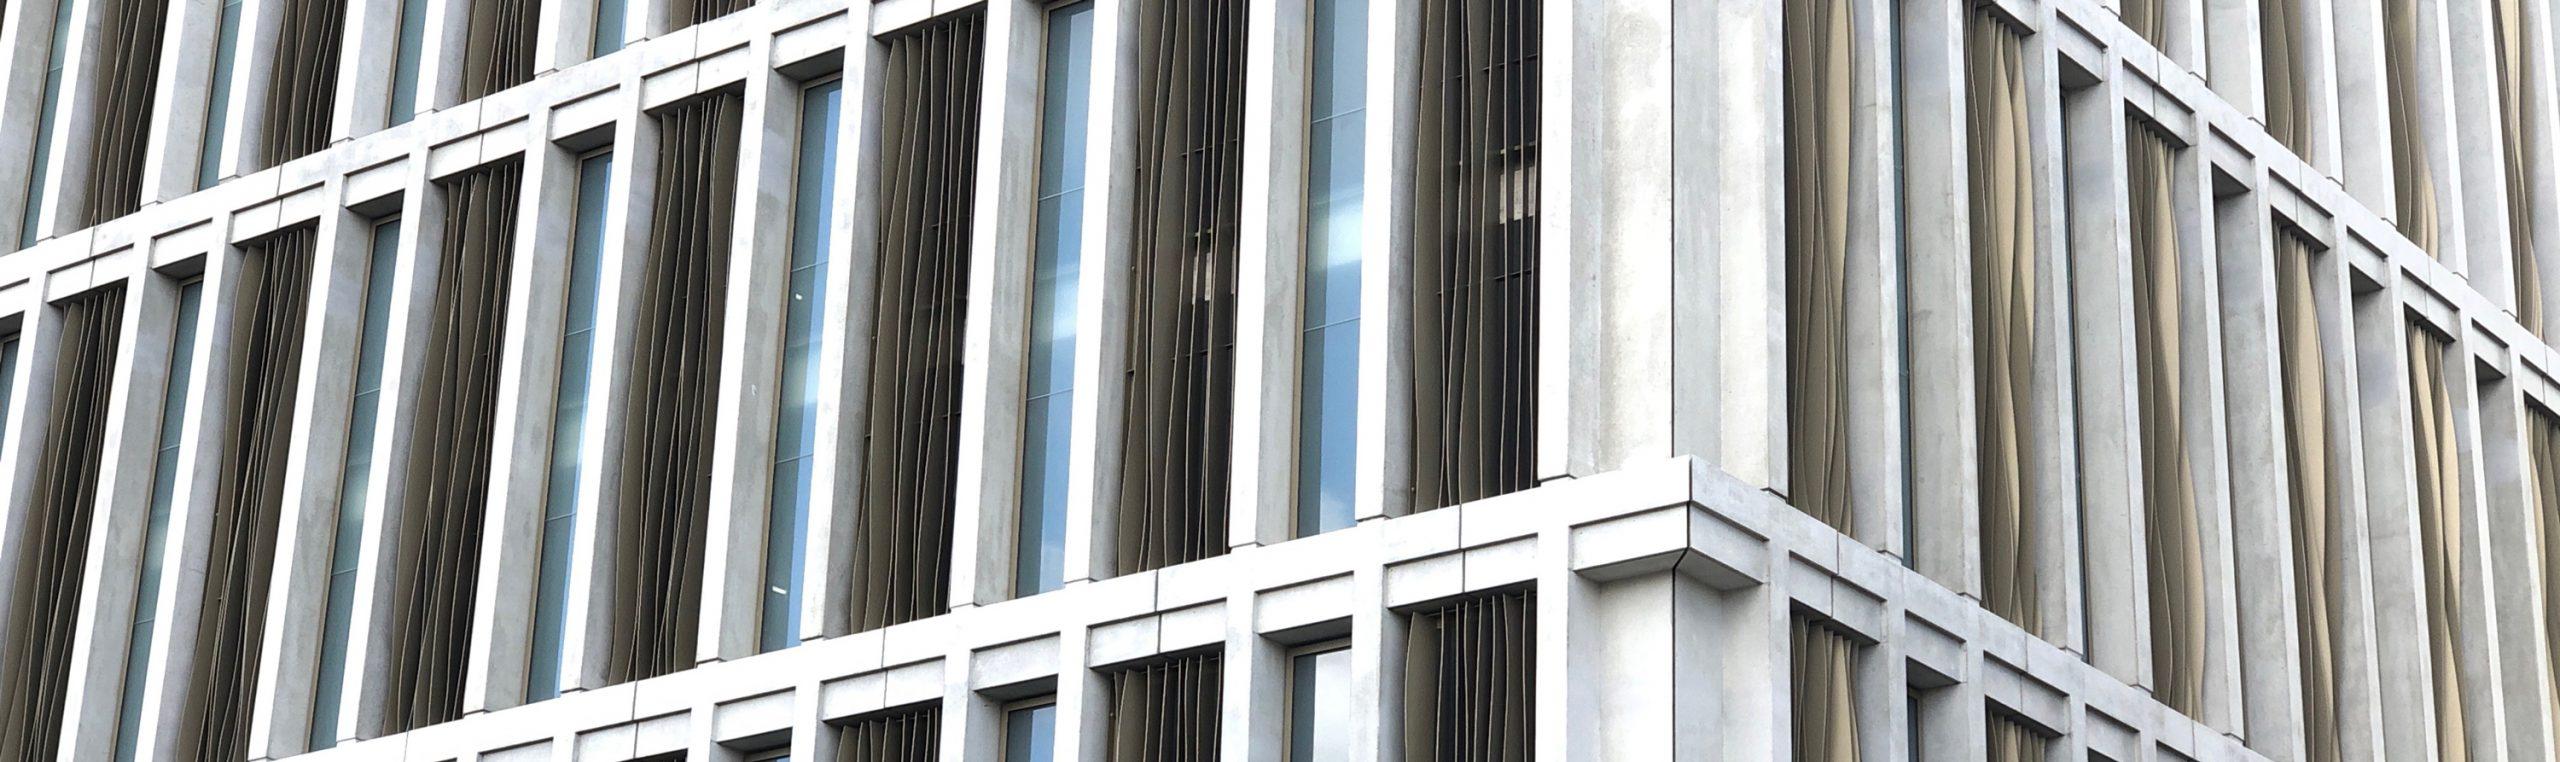 Vorhangfassaden